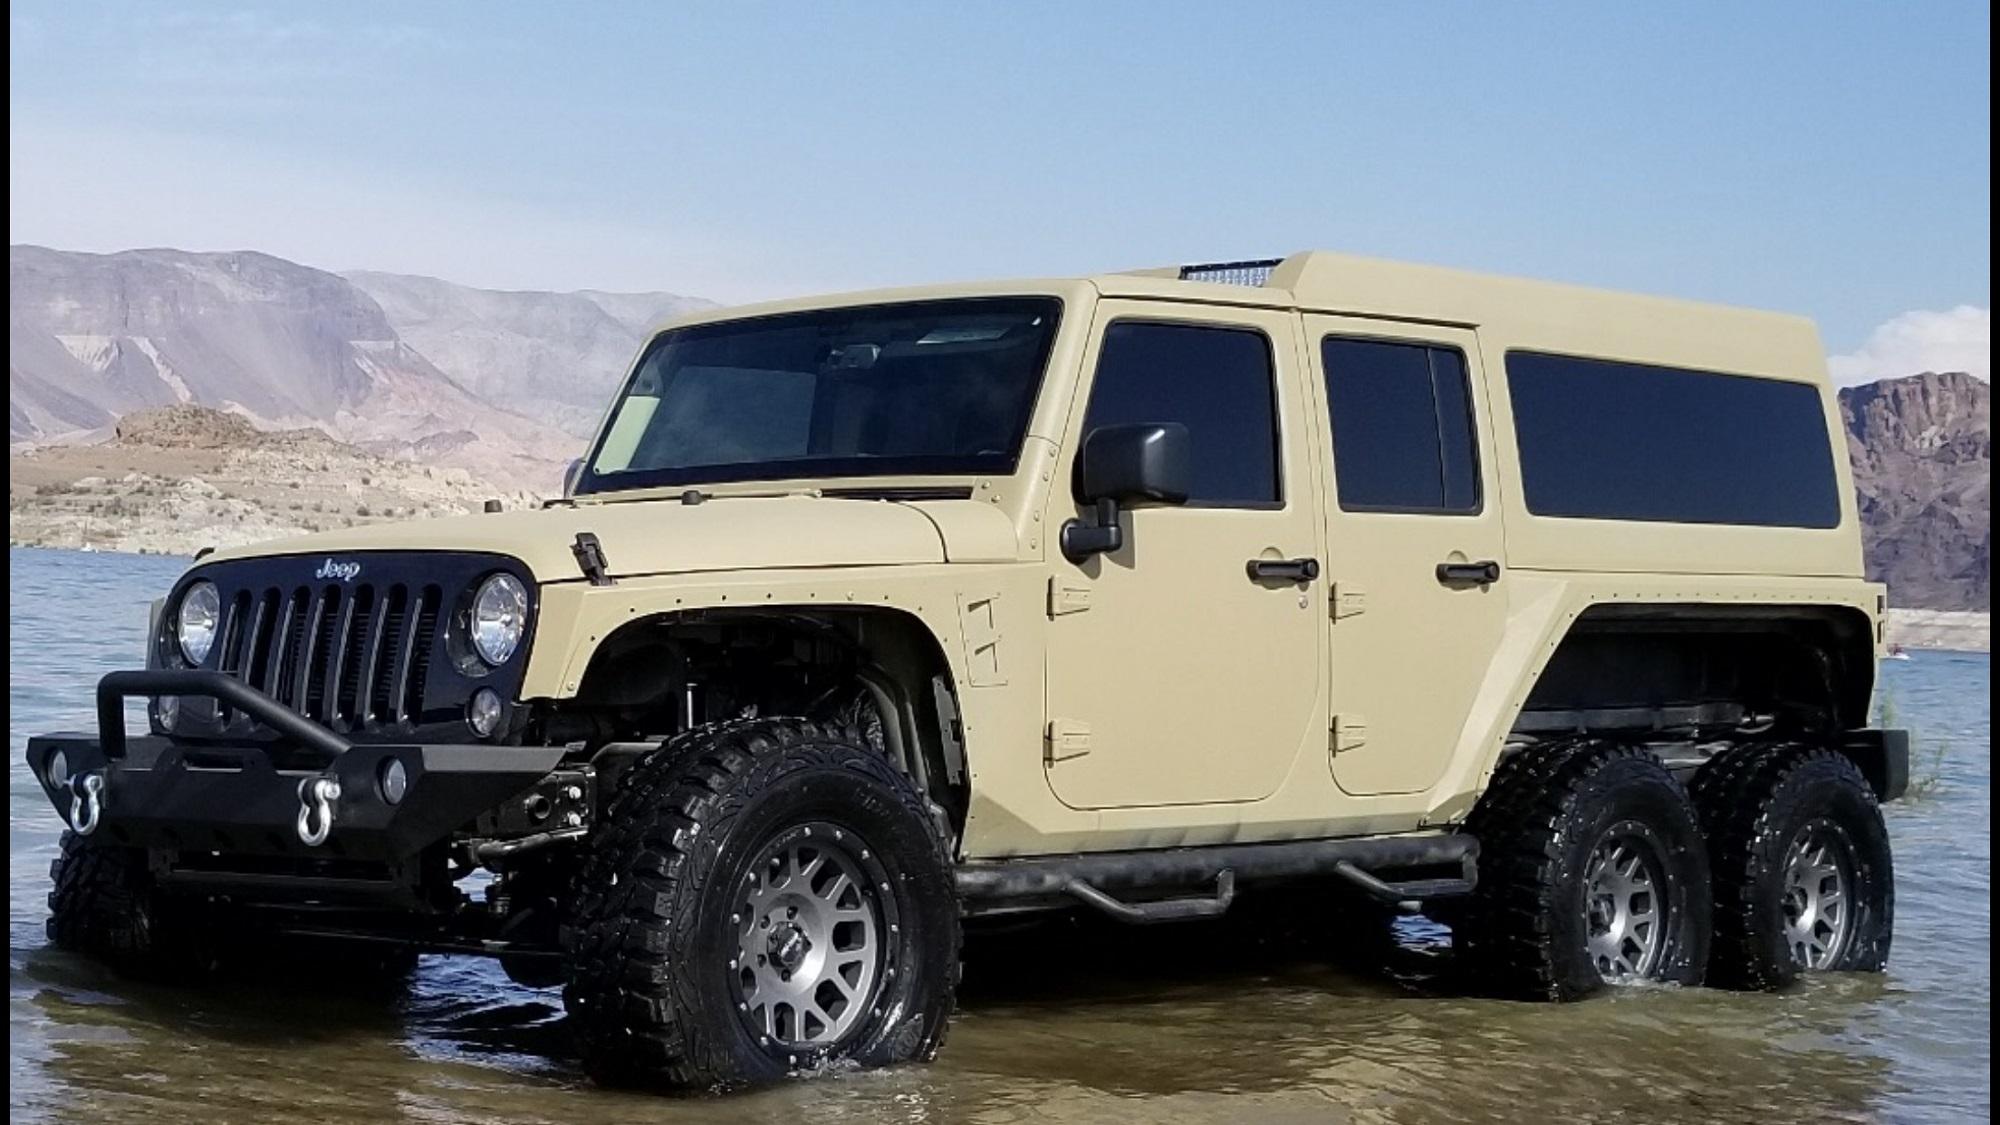 6x6 Jeep - 6 wheel drive jeep